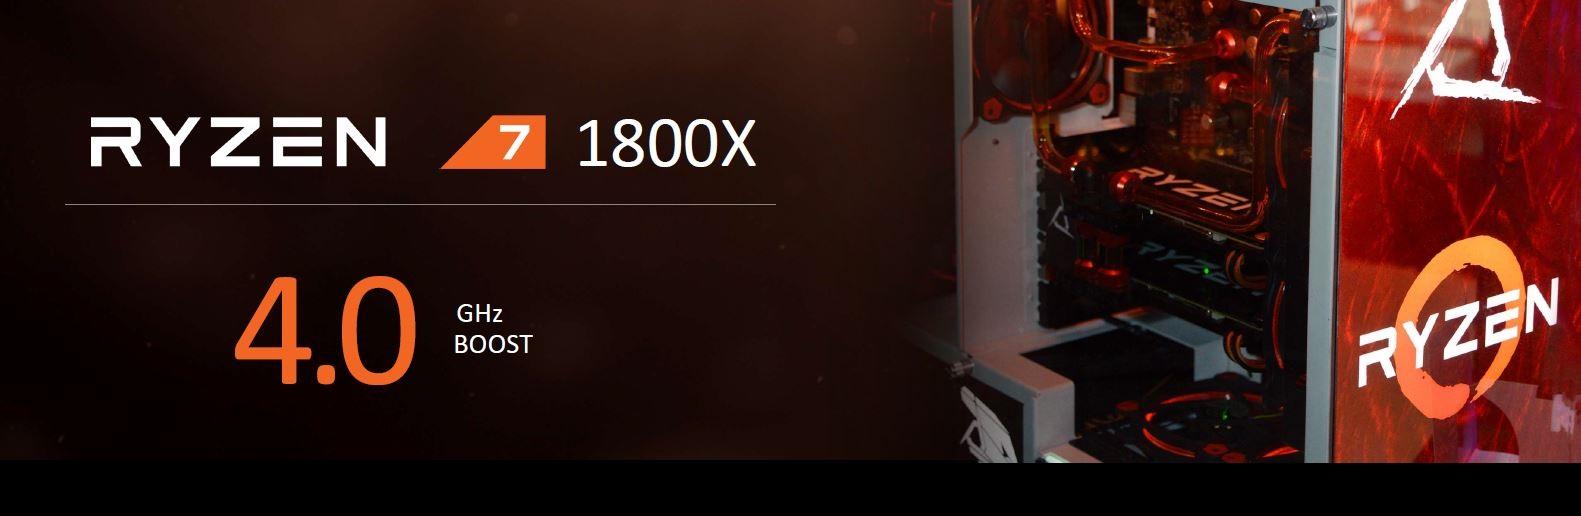 AMD Ryzen 1800X; boost